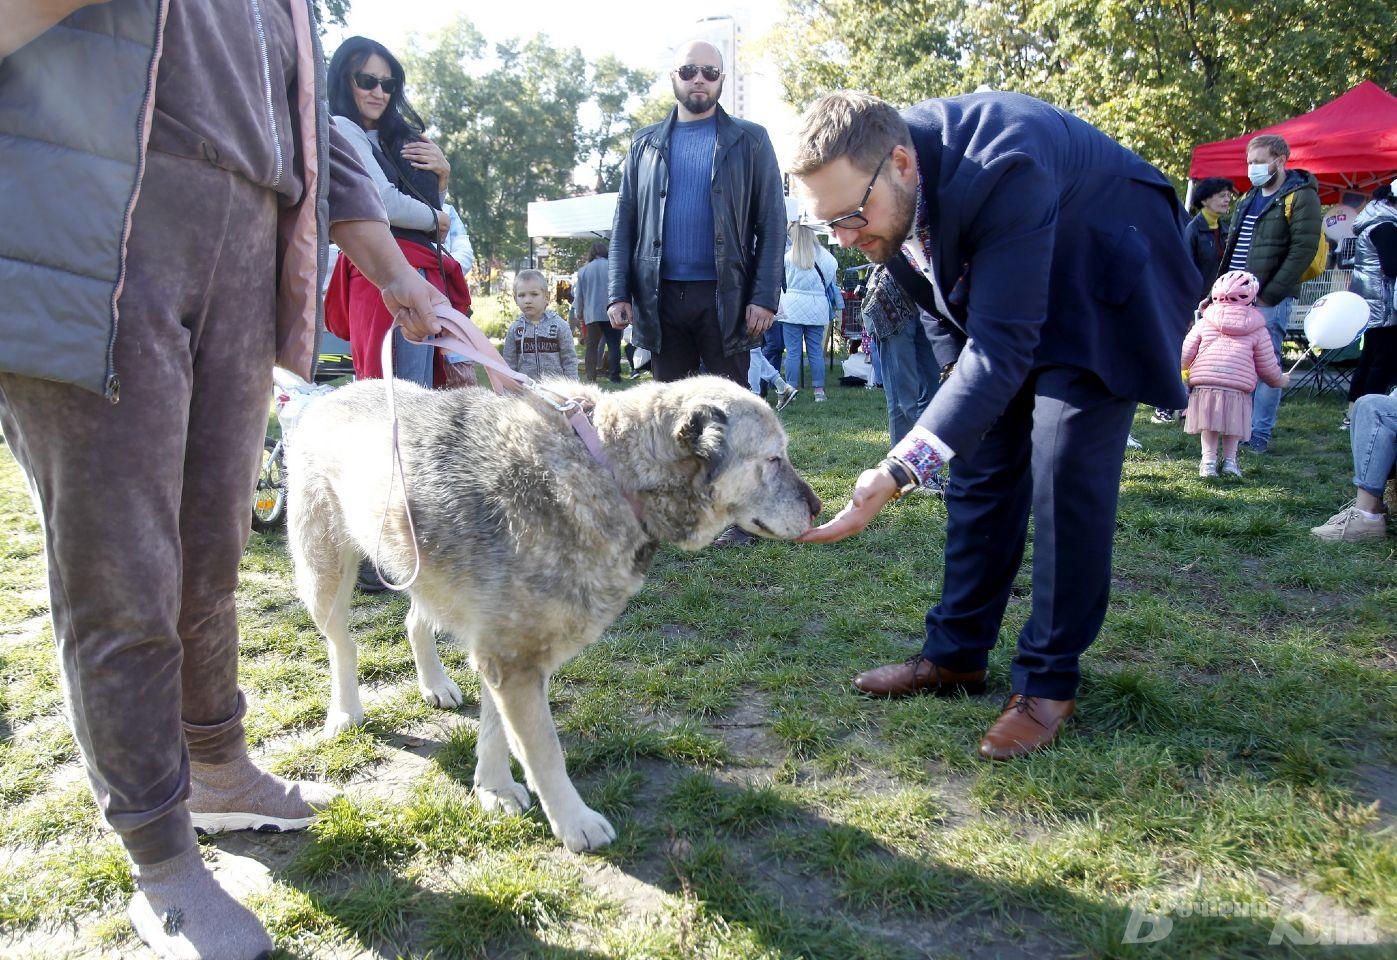 Відповідальний власник – запорука комфортного життя тварини